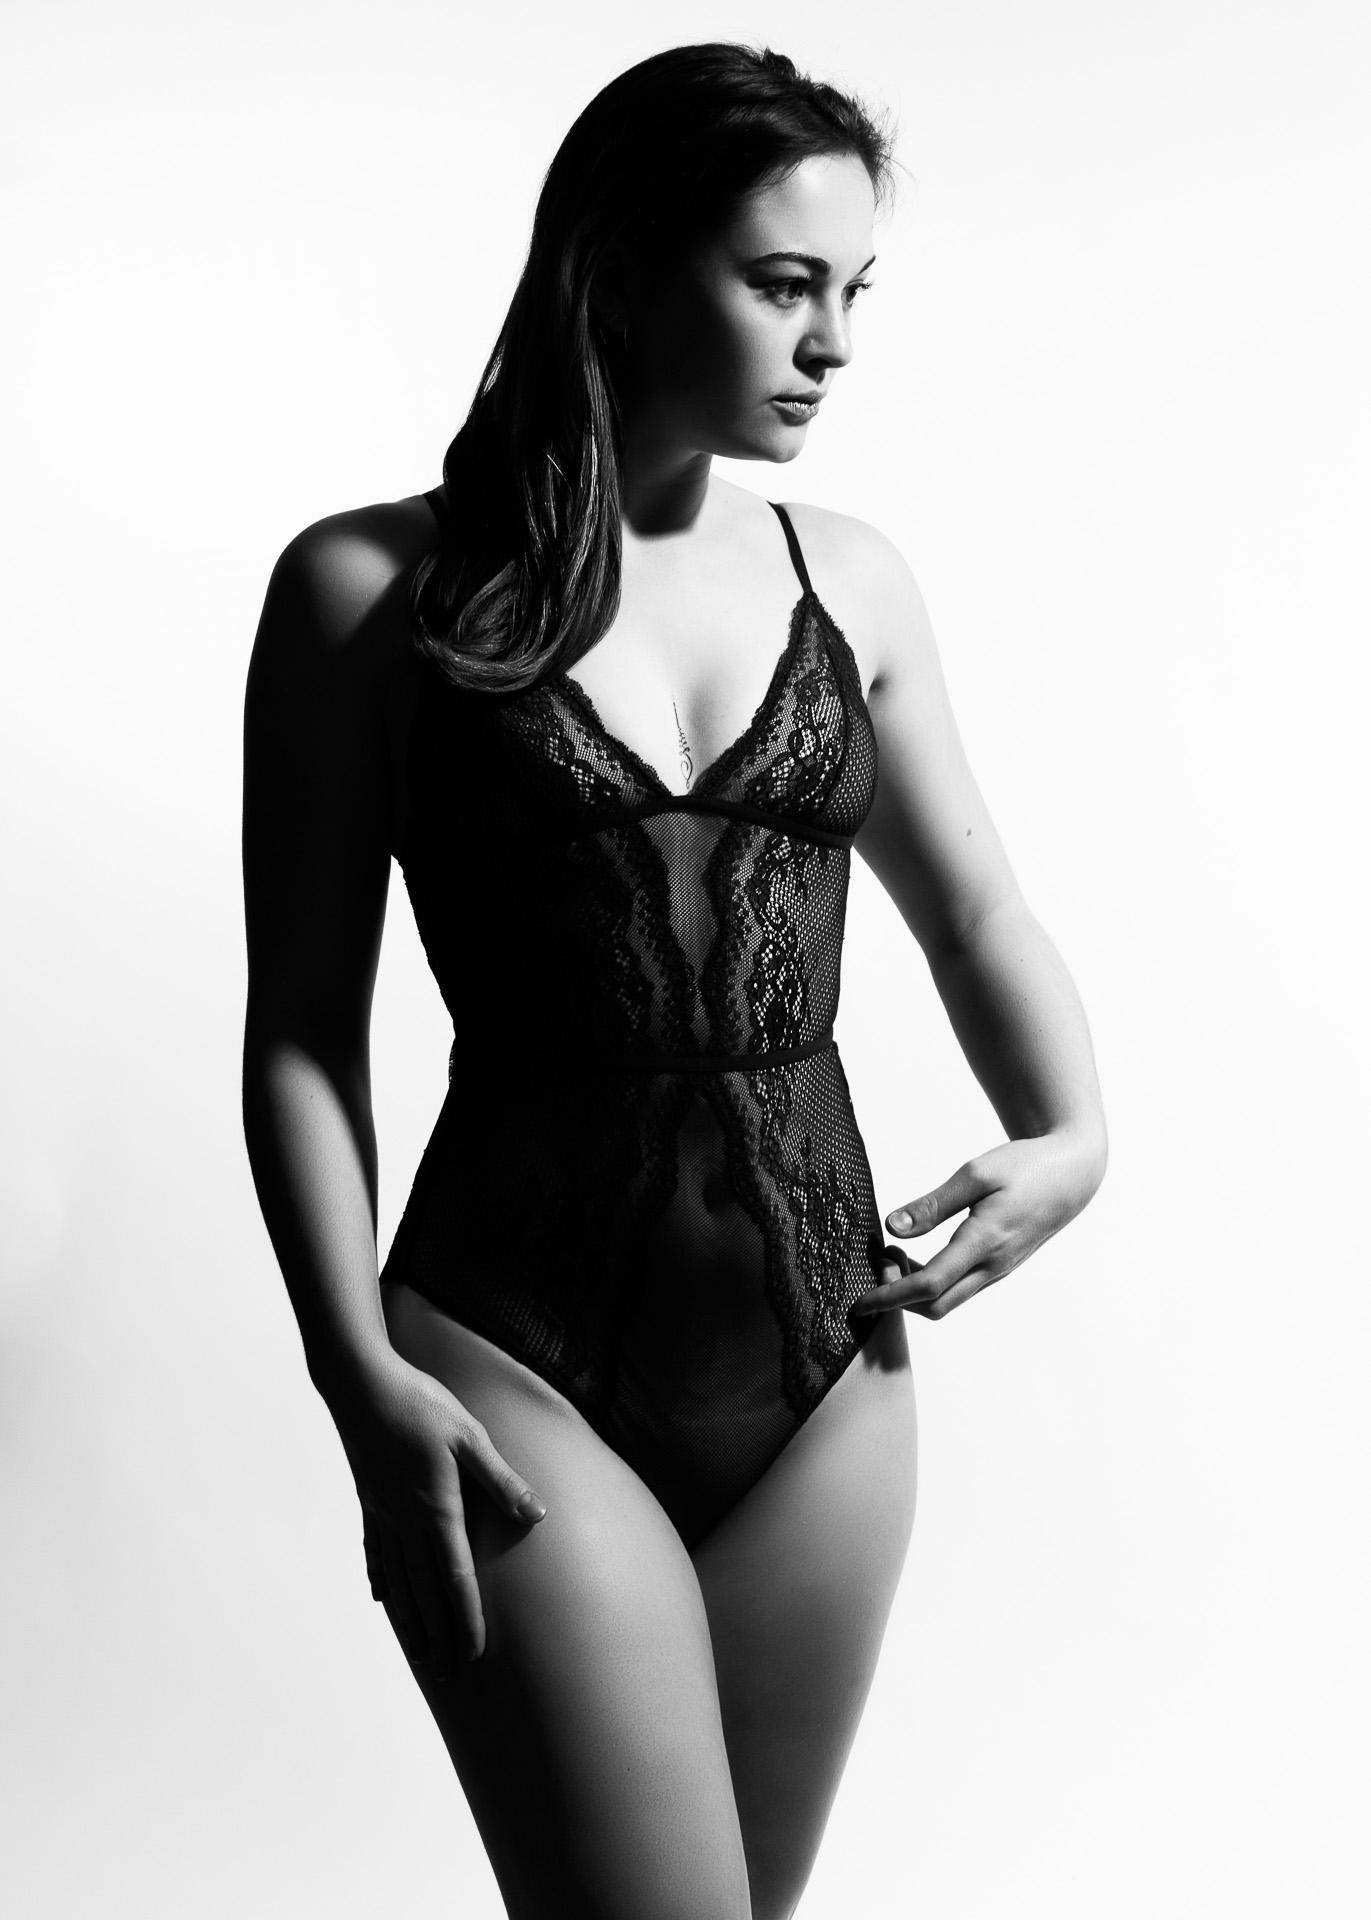 séance photo lingerie Paris